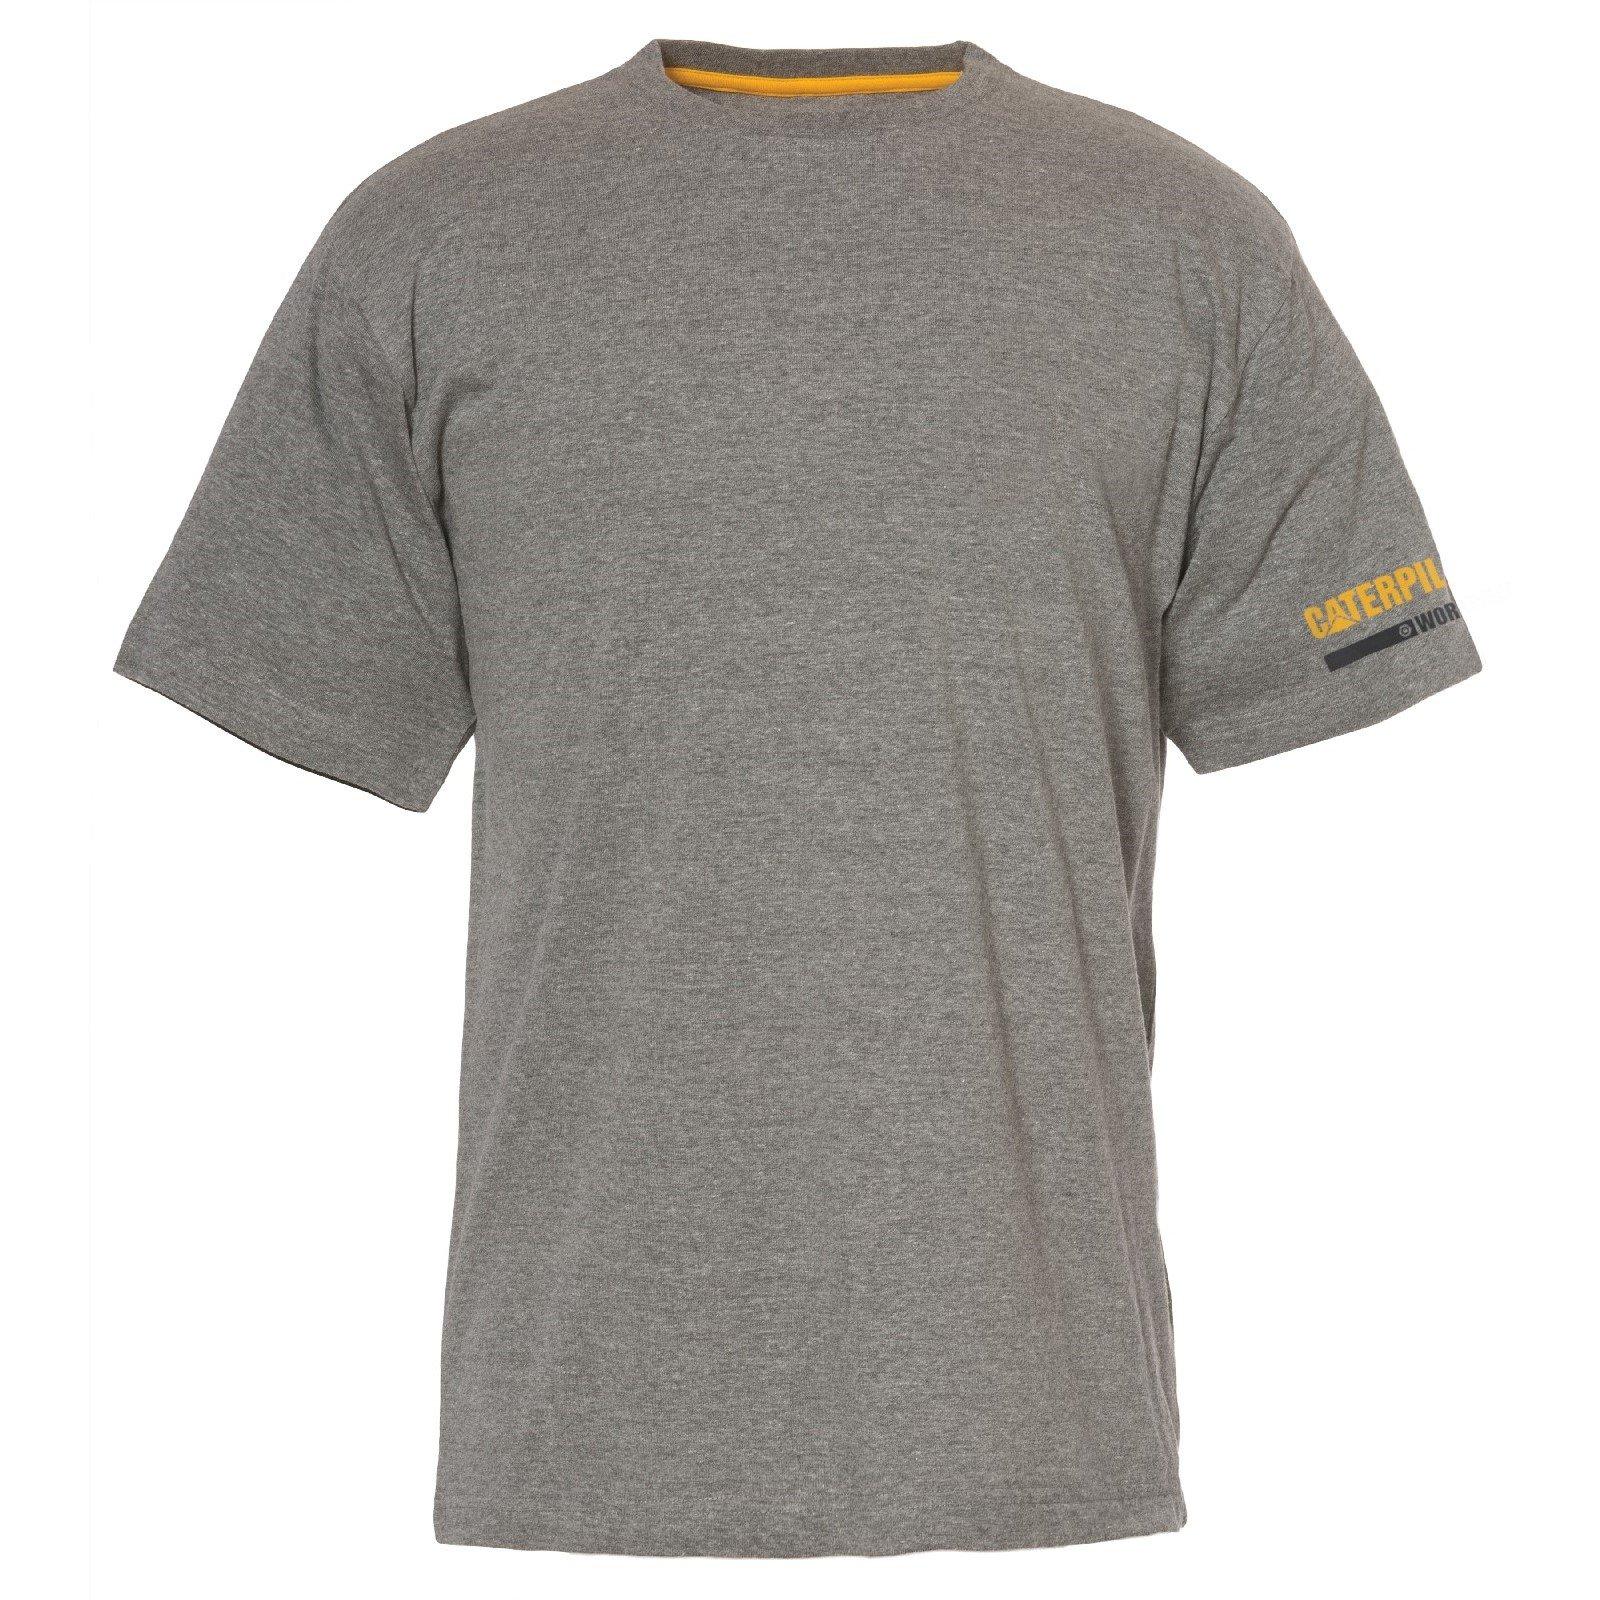 Caterpillar Men's Essentials SS T-Shirt Various Colours 28885-48760 - Dark Grey XX